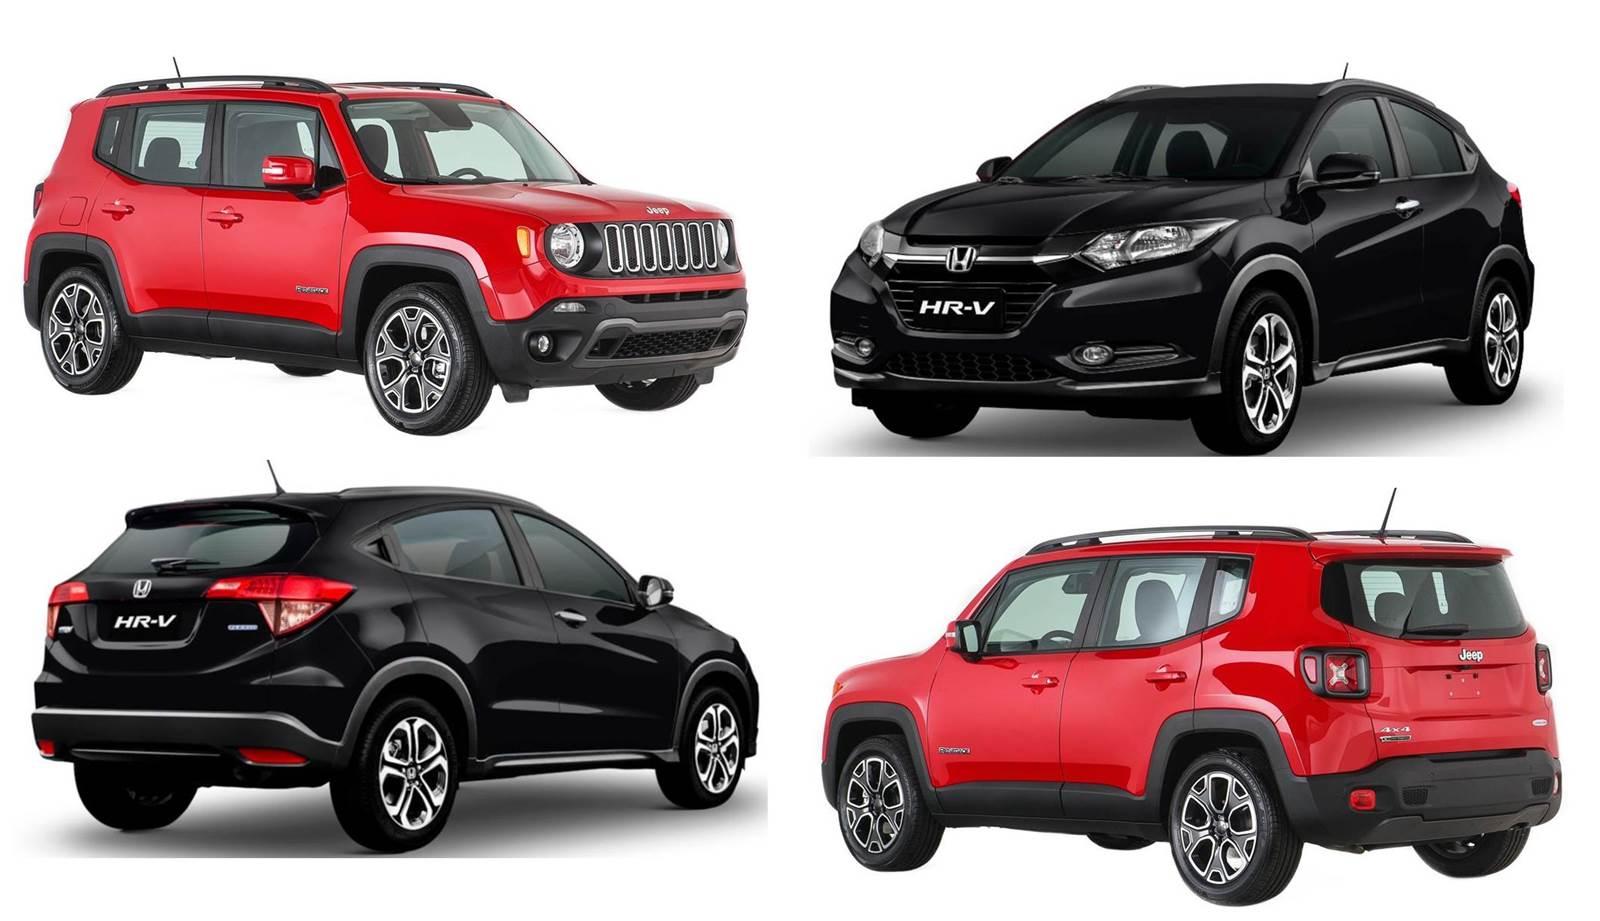 Honda hr v x jeep renegade especifica es e comparativo for Honda jeep 2017